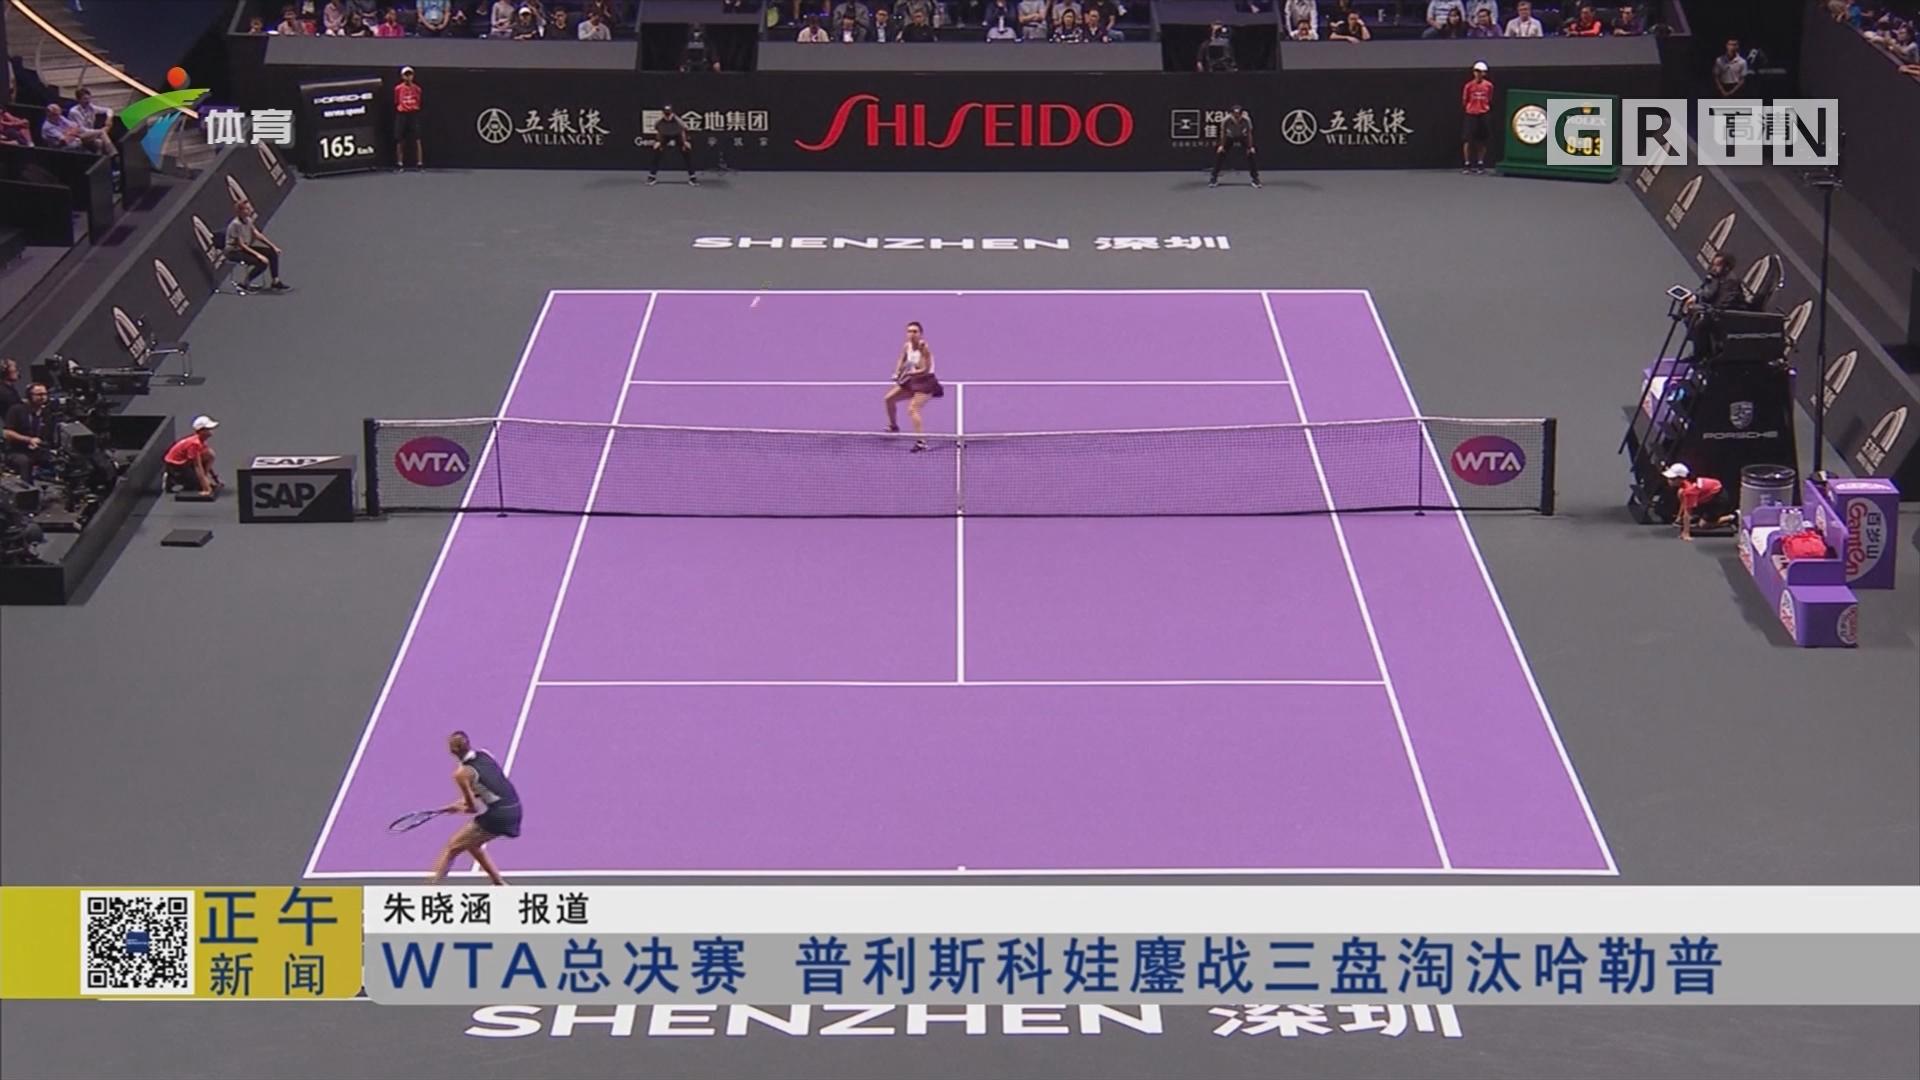 WTA总决赛 普利斯科娃鏖战三盘淘汰哈勒普